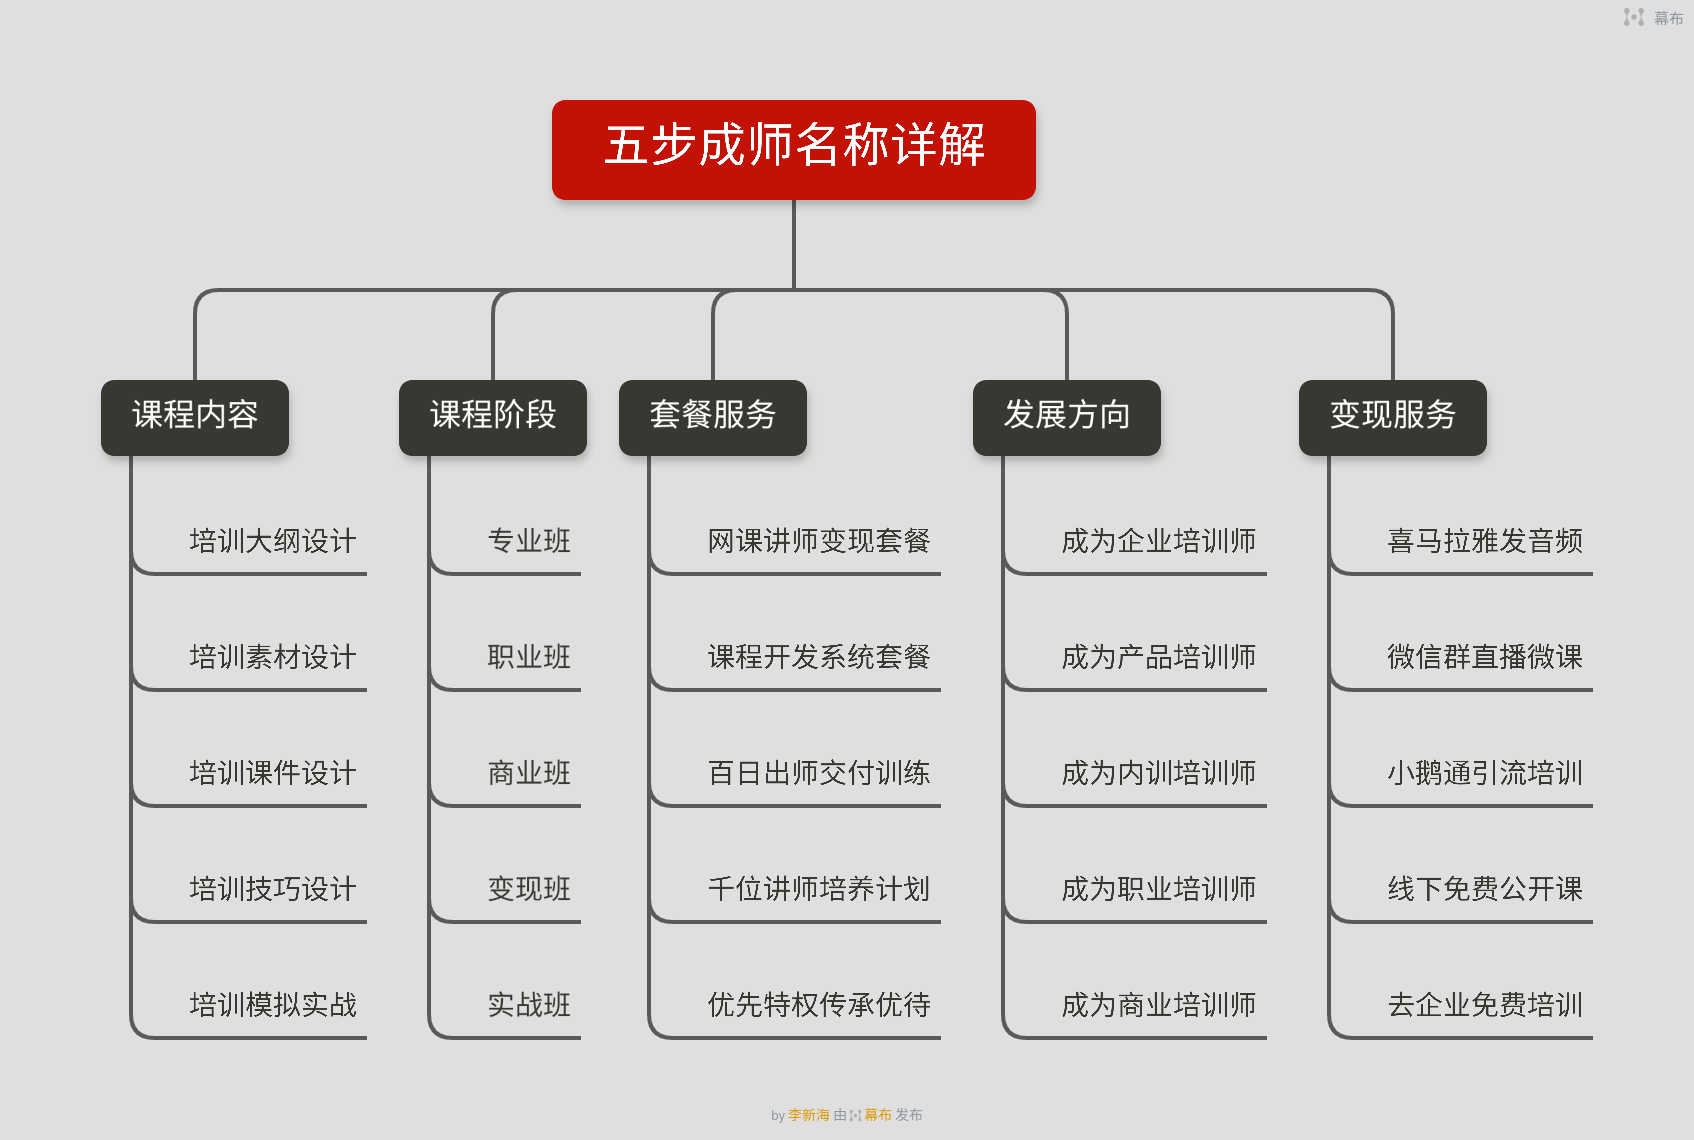 五步成师是什么,是组合的套餐吗?如何成为一名<a href=http://www.jiangshi360.com target=_blank class=infotextkey>培训</a>讲师